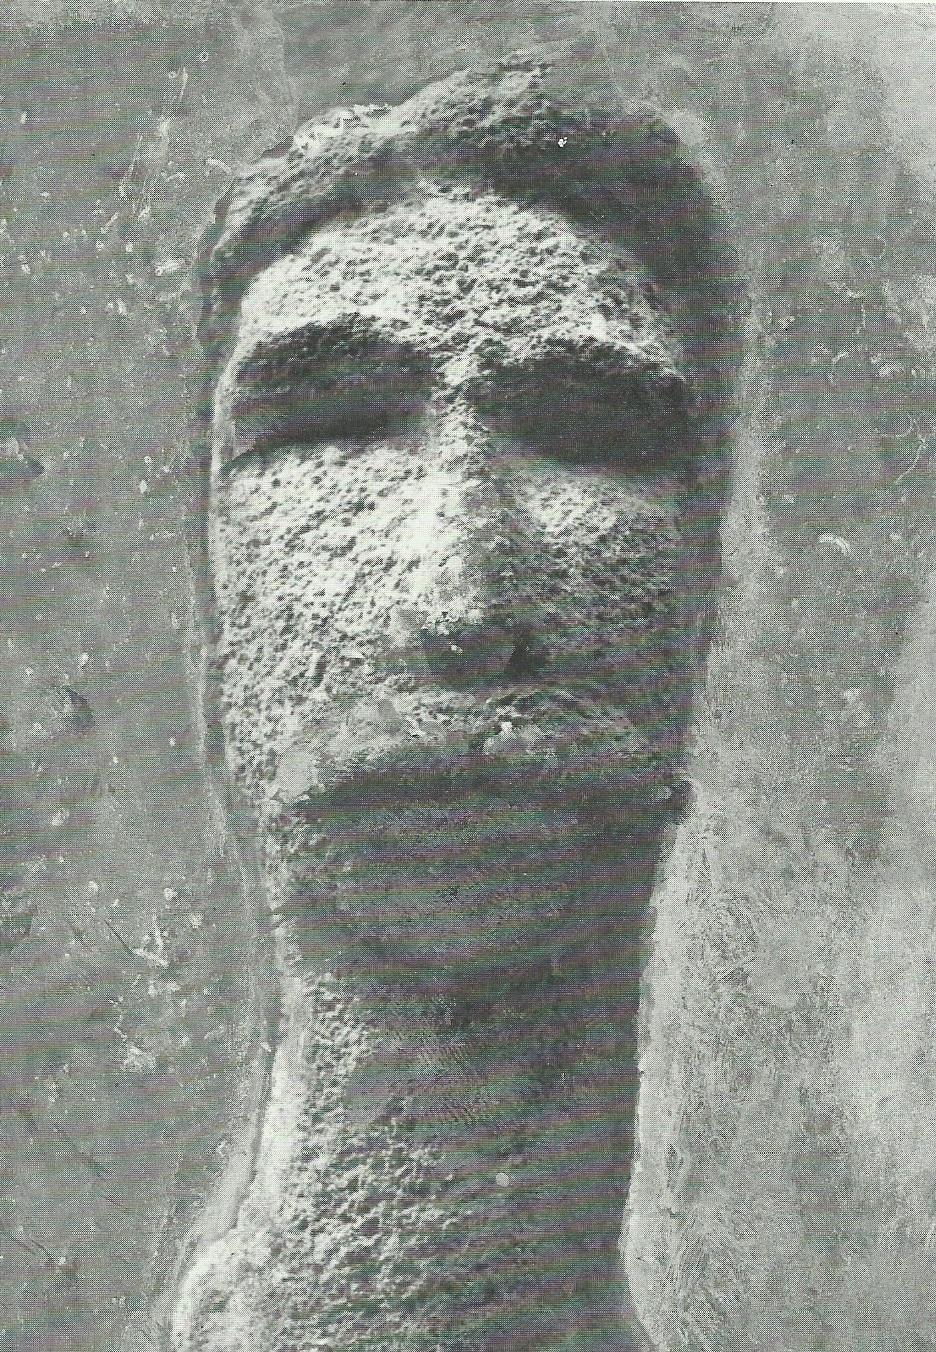 Ricordando mio padre (pietra, 1968) (1)